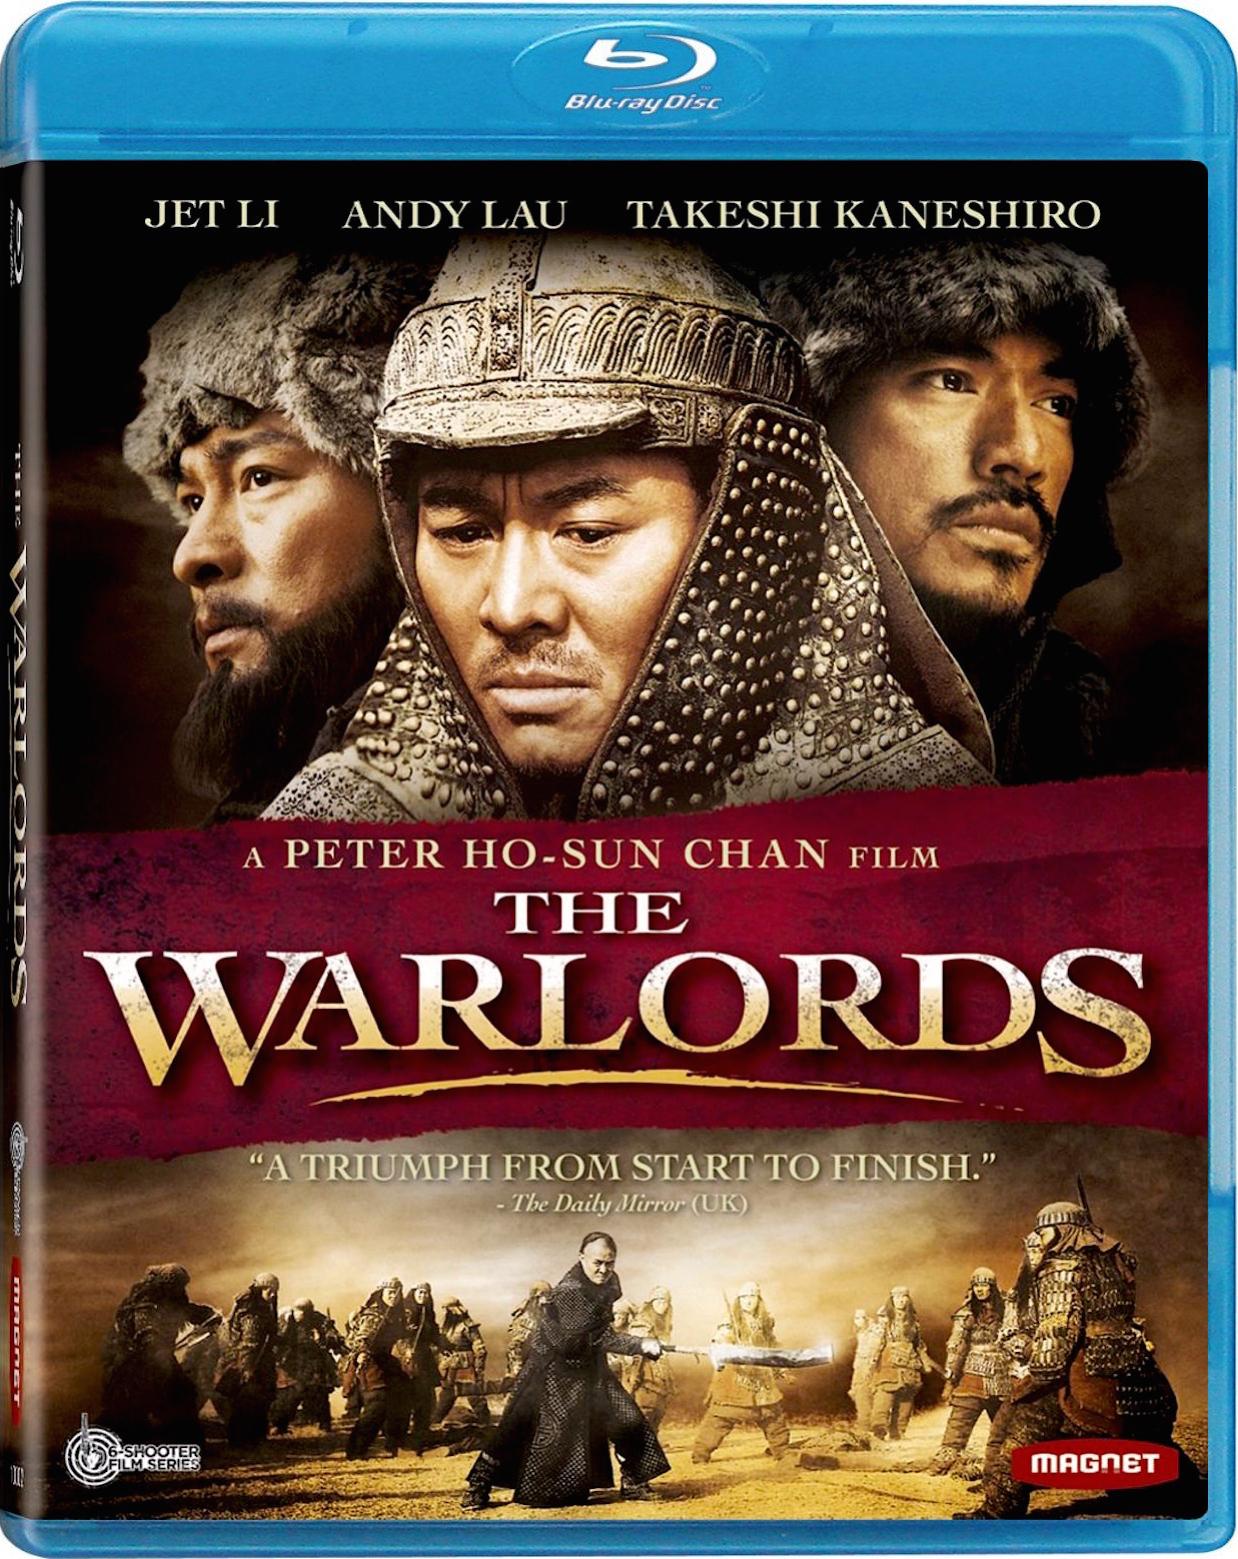 投名狀 國粵雙語 原盤繁簡英&導評繁簡英SUP字幕 The Warlords 2007 BluRay 1080p 2Audio DTS-HD MA 7.1 x265.10bit-BeiTai